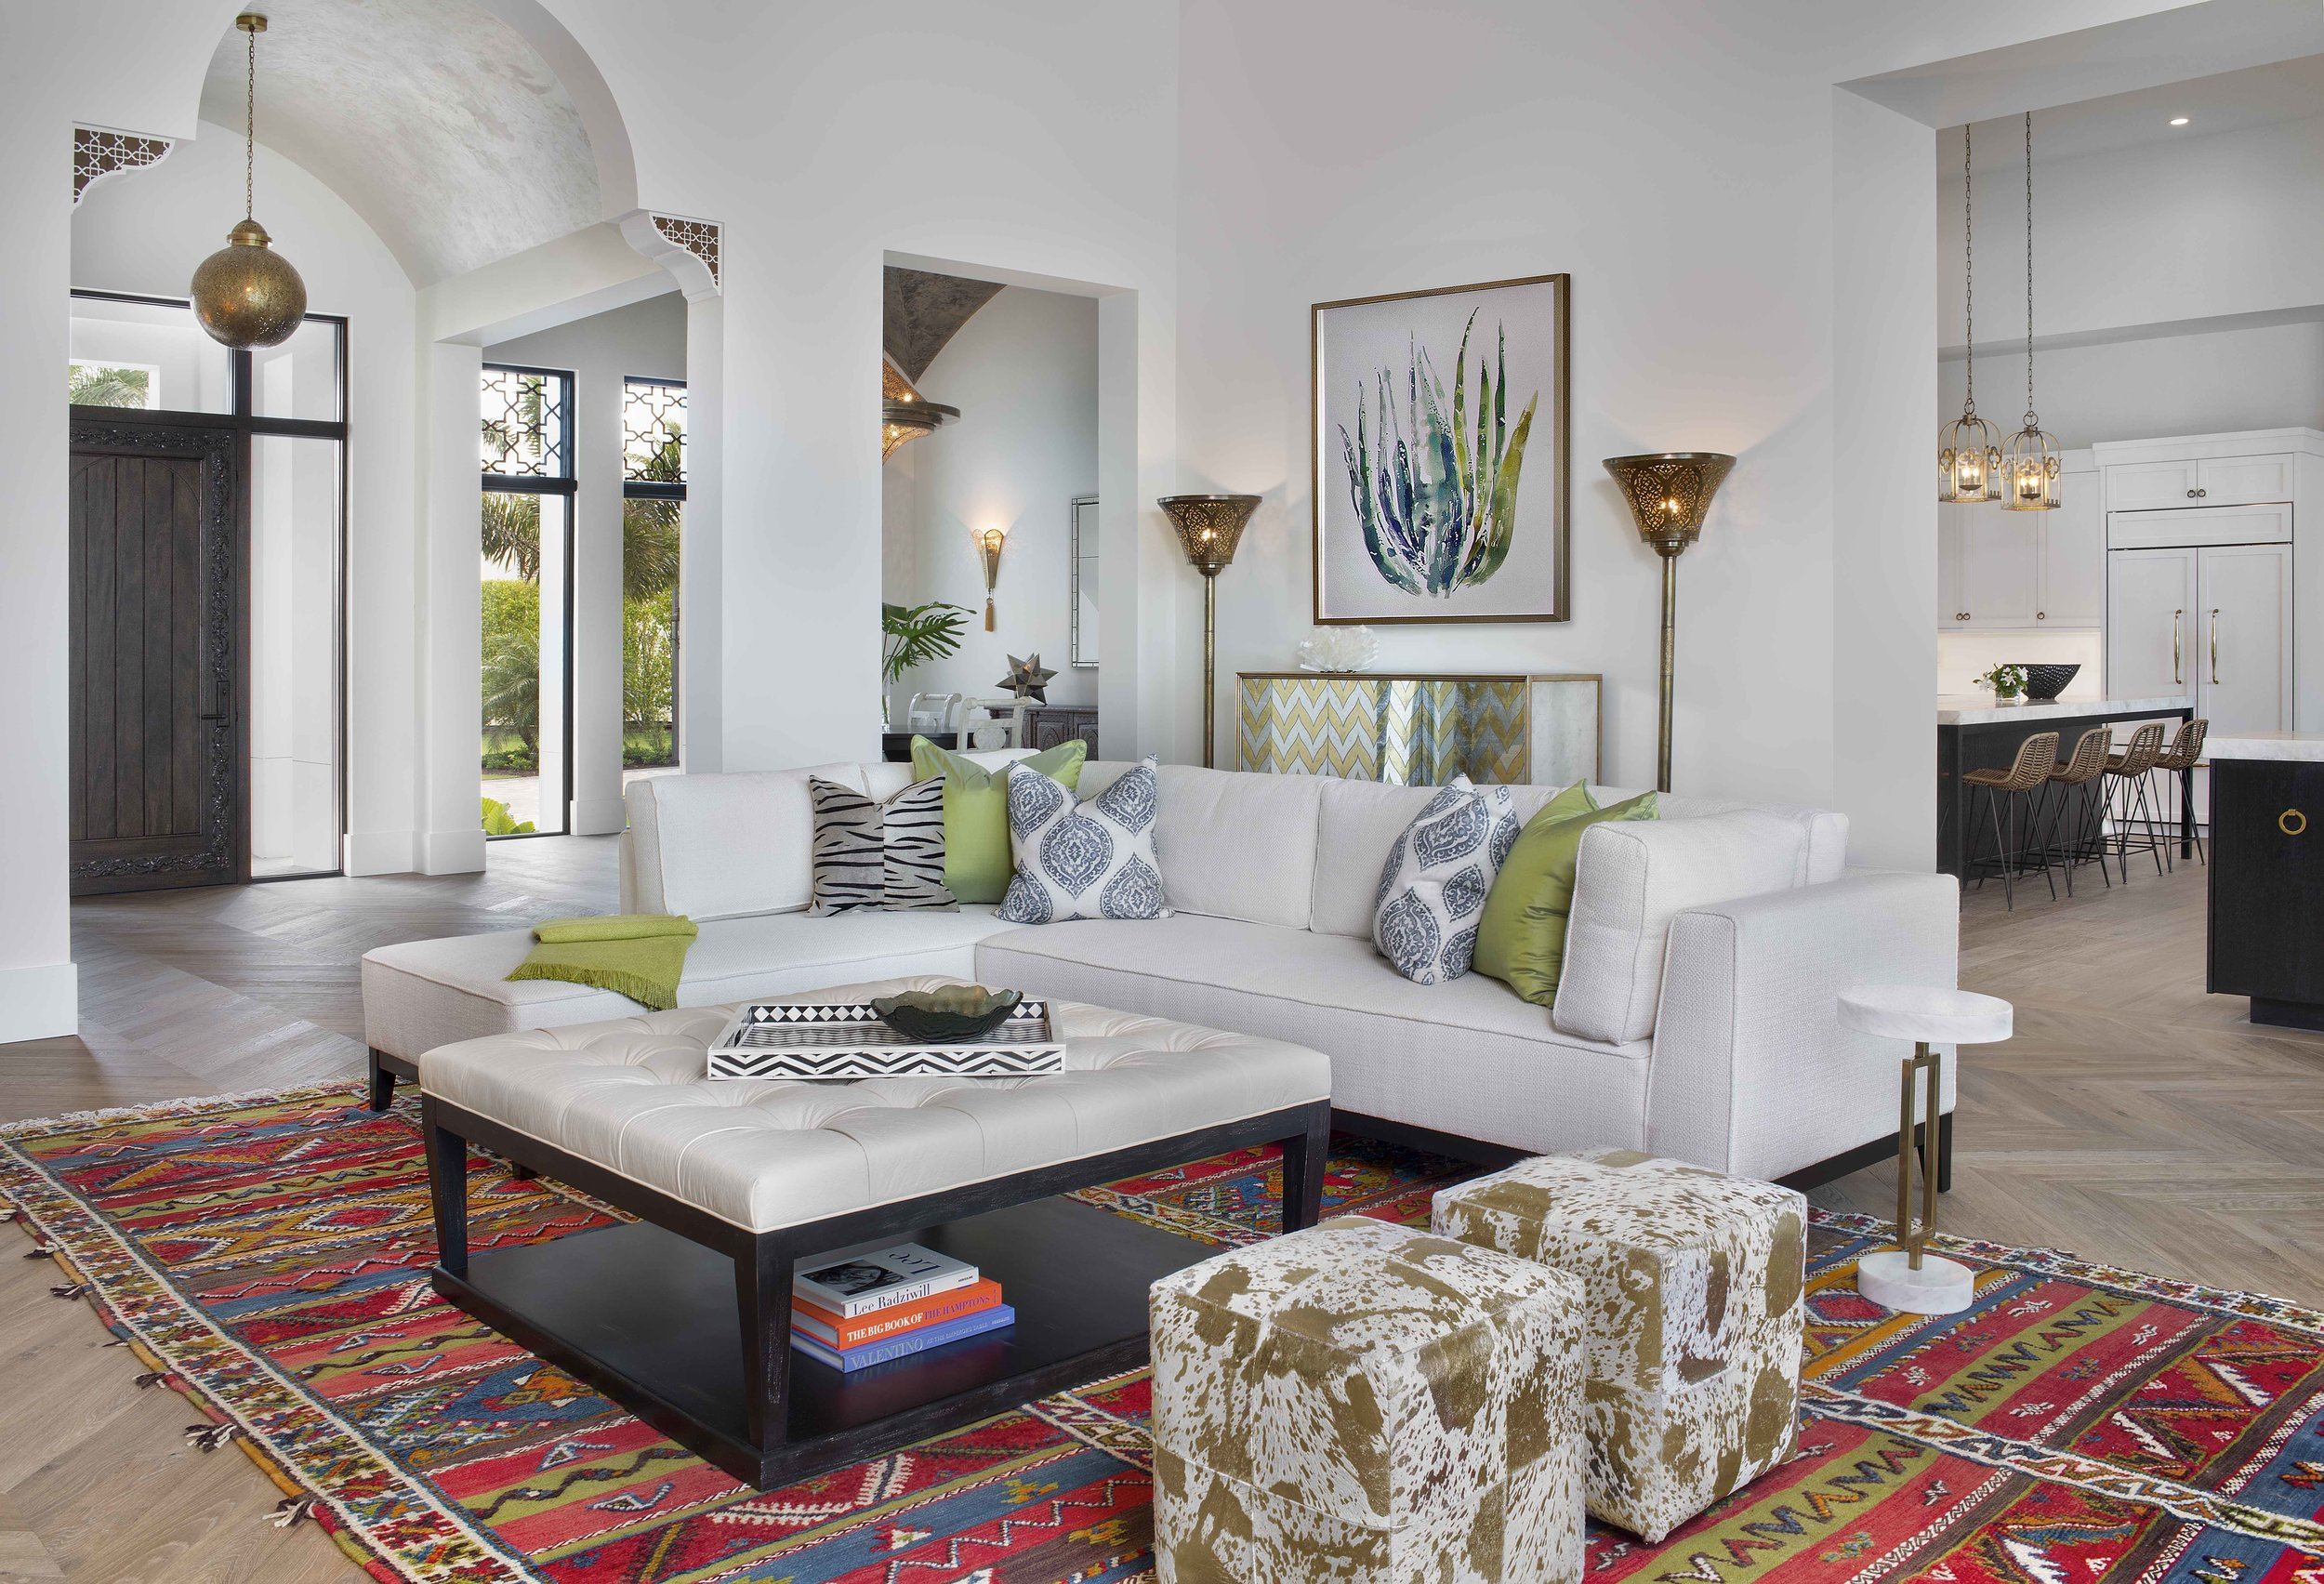 14451 Marsala Living Room 3 V2 web.jpg